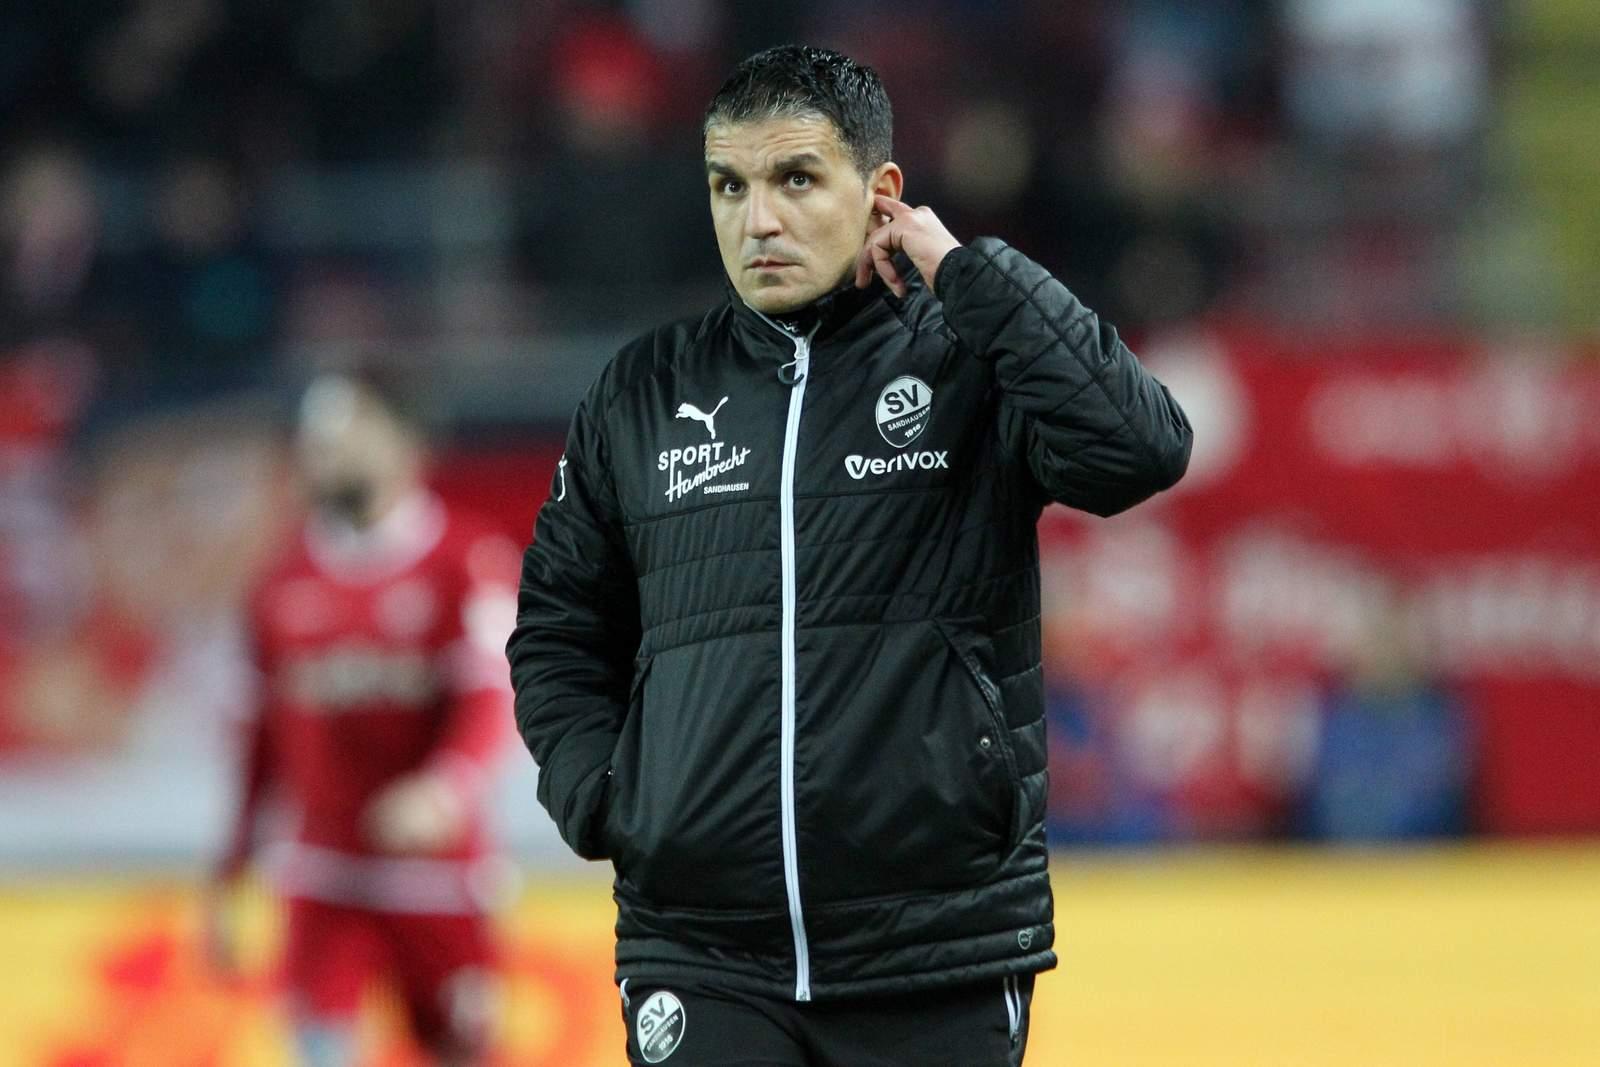 Kenan Kocak vom SV Sandhausen bei Spiel in Kaiserslautern